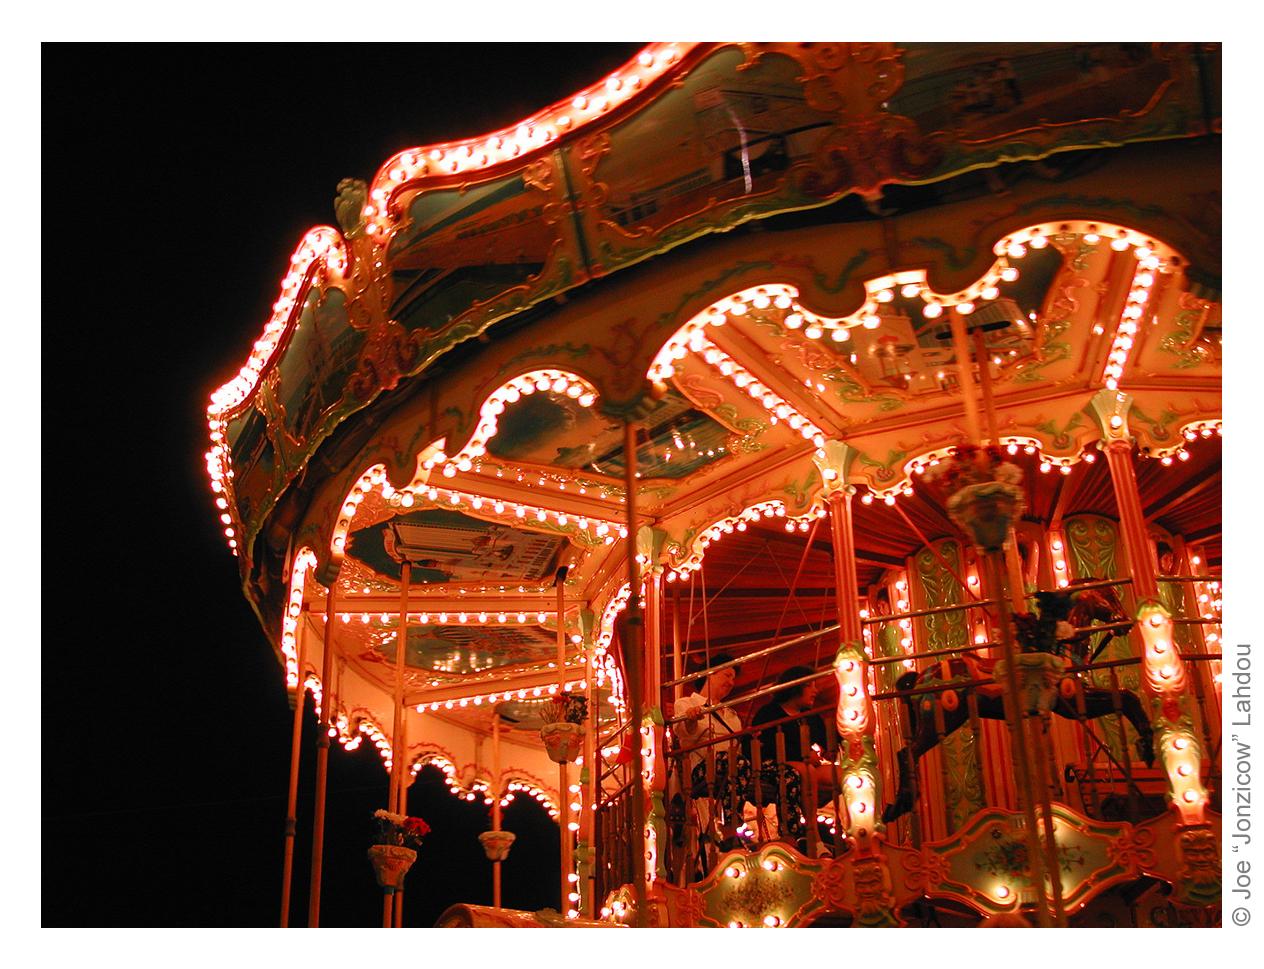 Merry-Go-Round by JONZICOW on DeviantArt